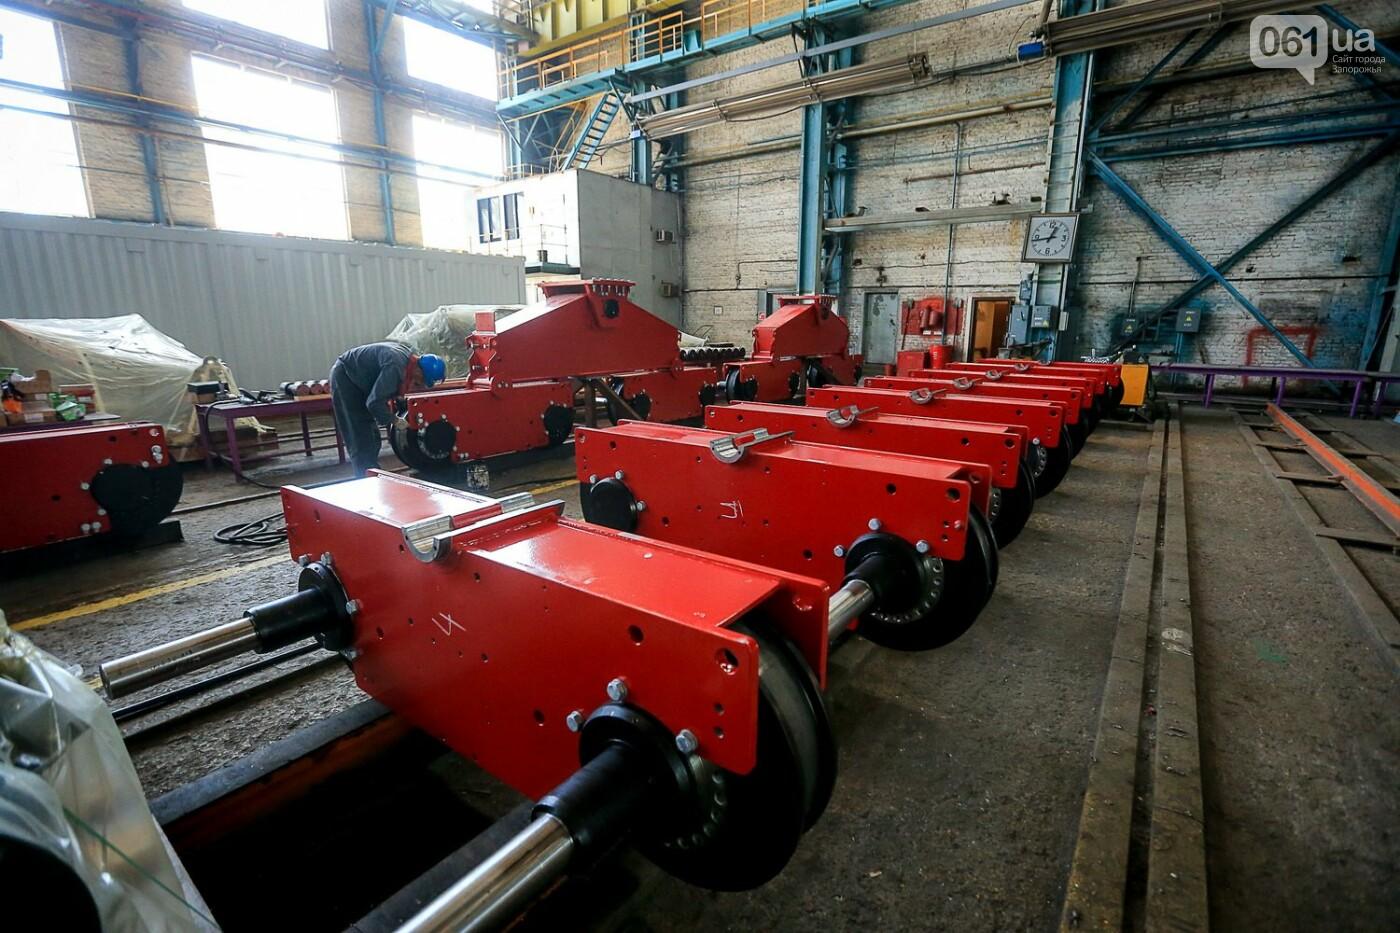 Как в Запорожье работает крупнейший в Европе завод по производству кранов: экскурсия на производство, — ФОТОРЕПОРТАЖ, фото-69